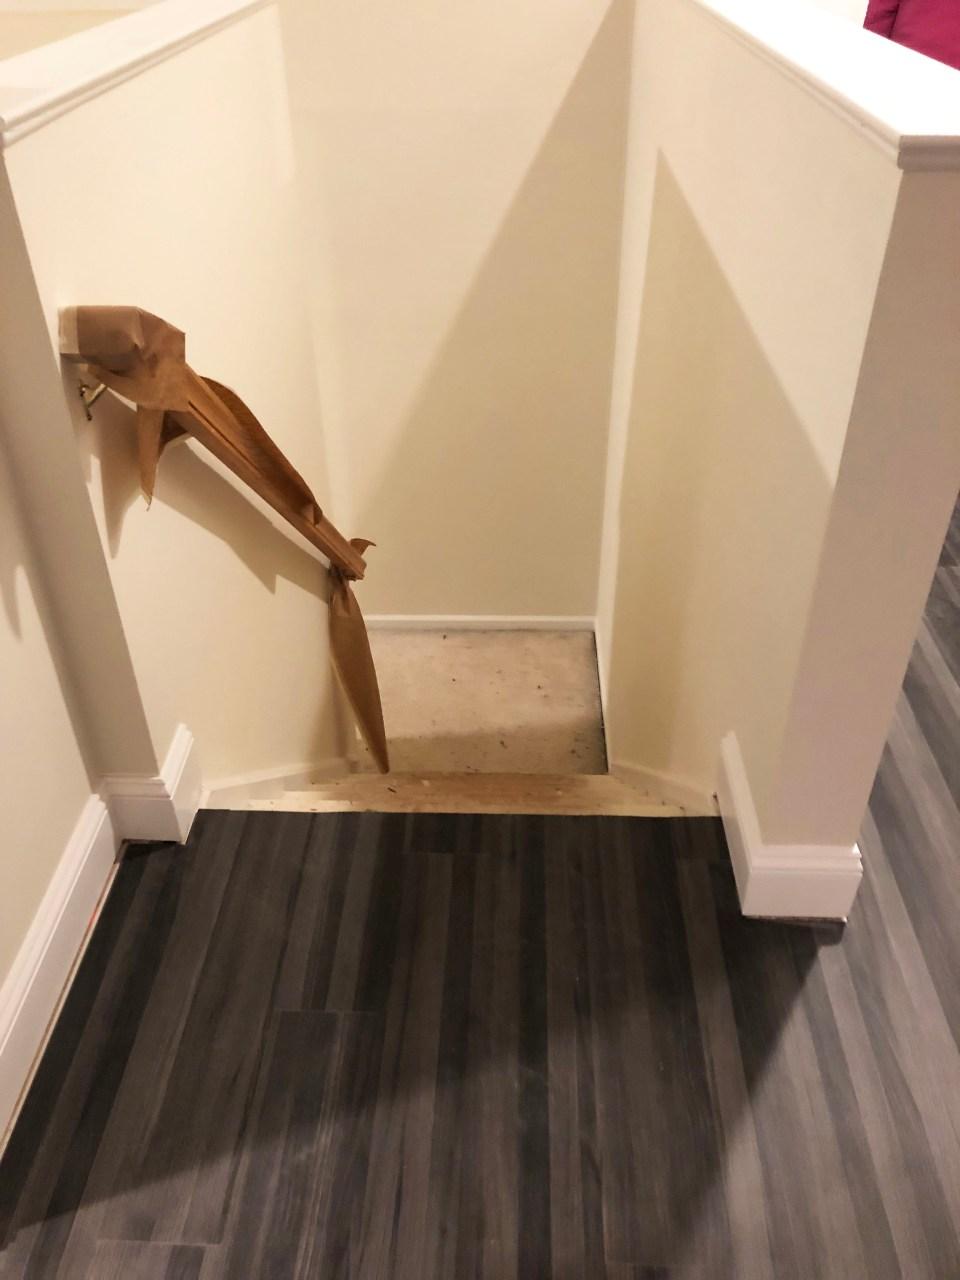 Foyer - Stairs Update 8